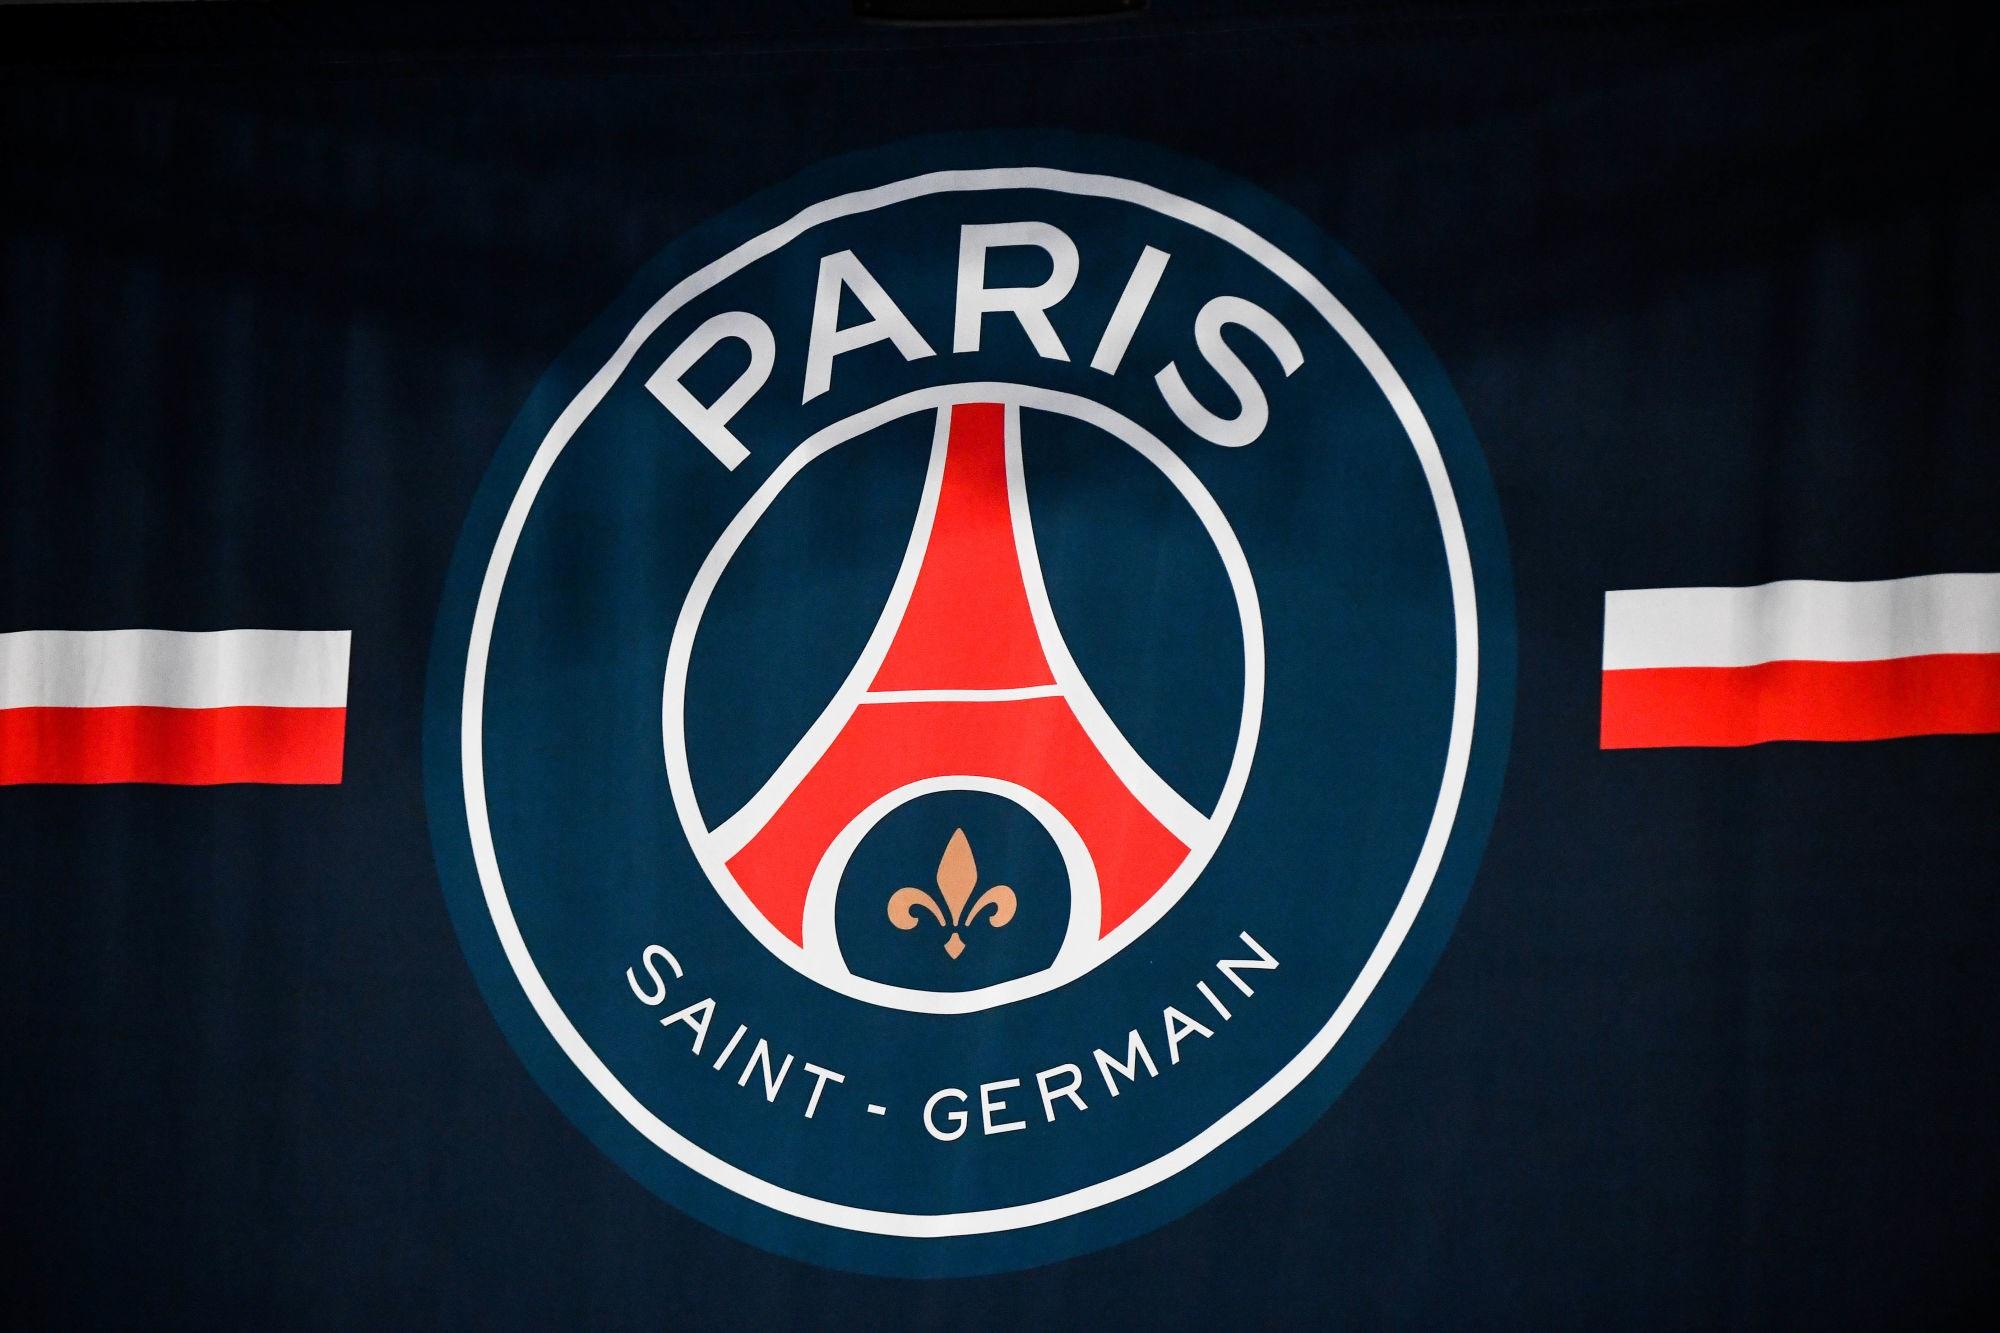 Officiel - Le groupe du PSG pour le voyage au Portugal et le Final 8